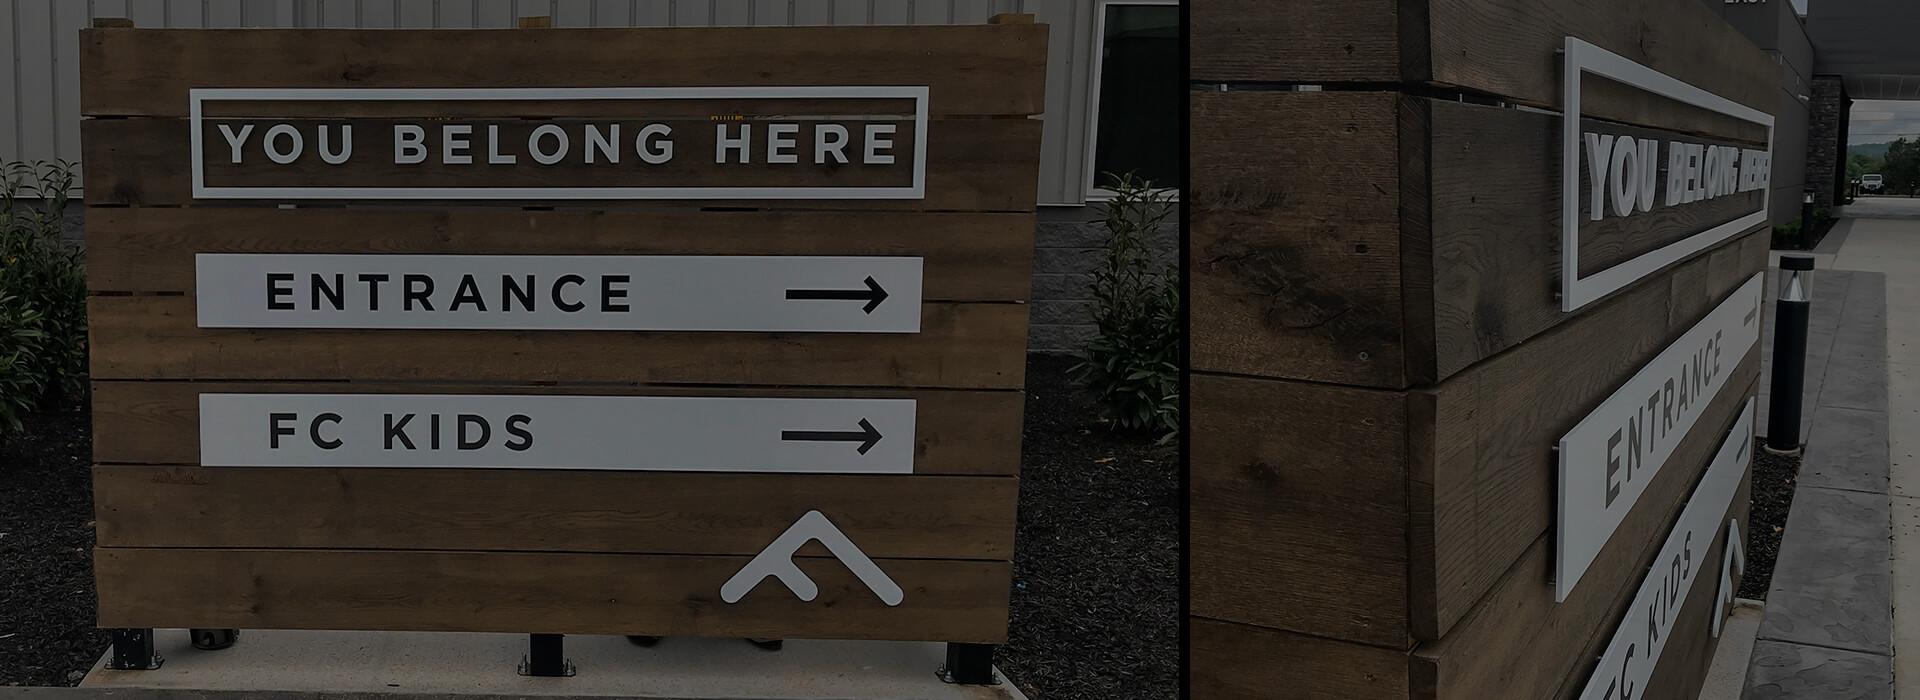 Exterior & Wayfinding Signage